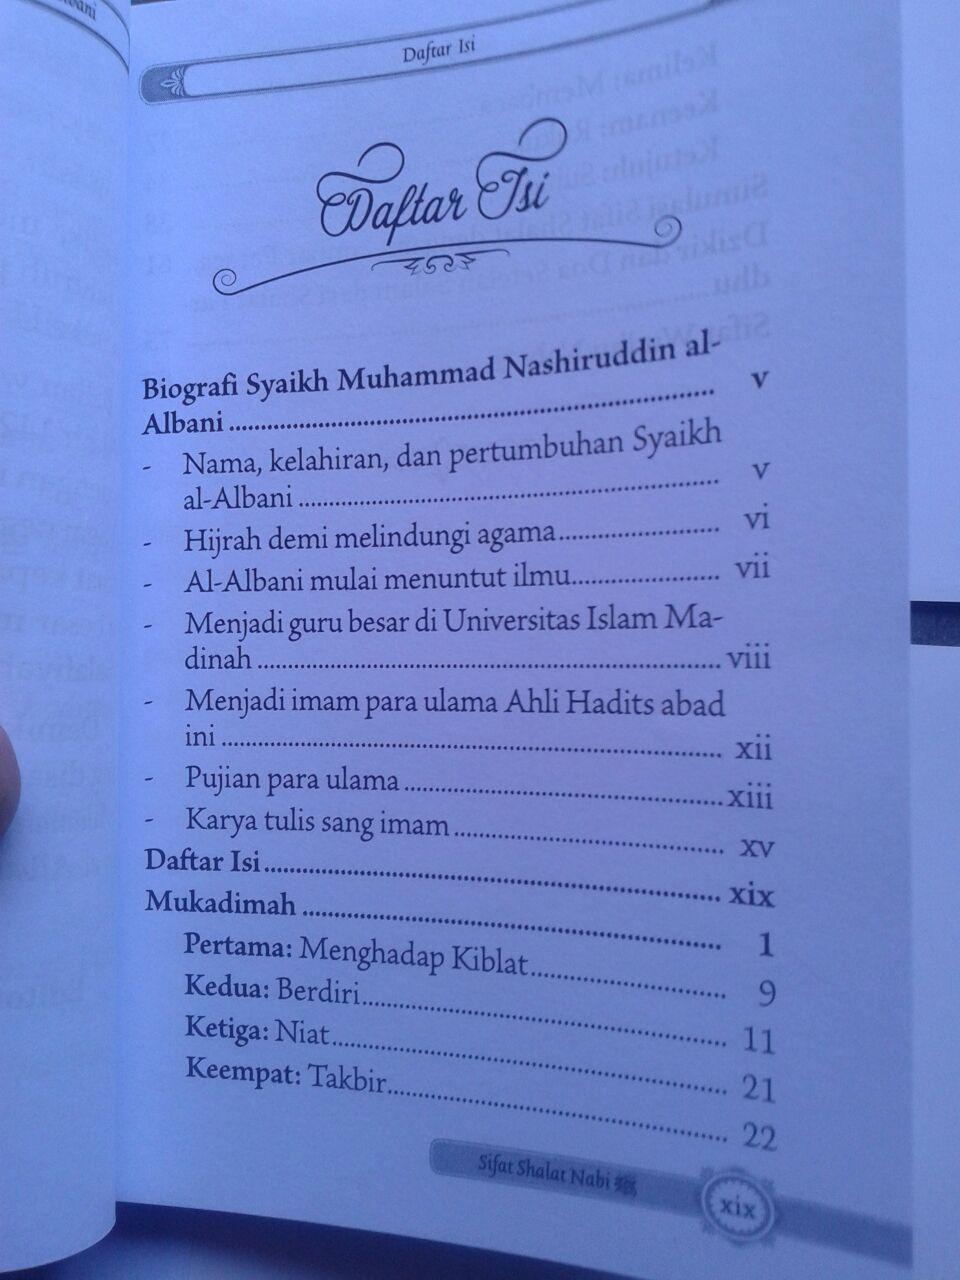 Buku Saku Praktis Sifat Shalat Nabi isi 2